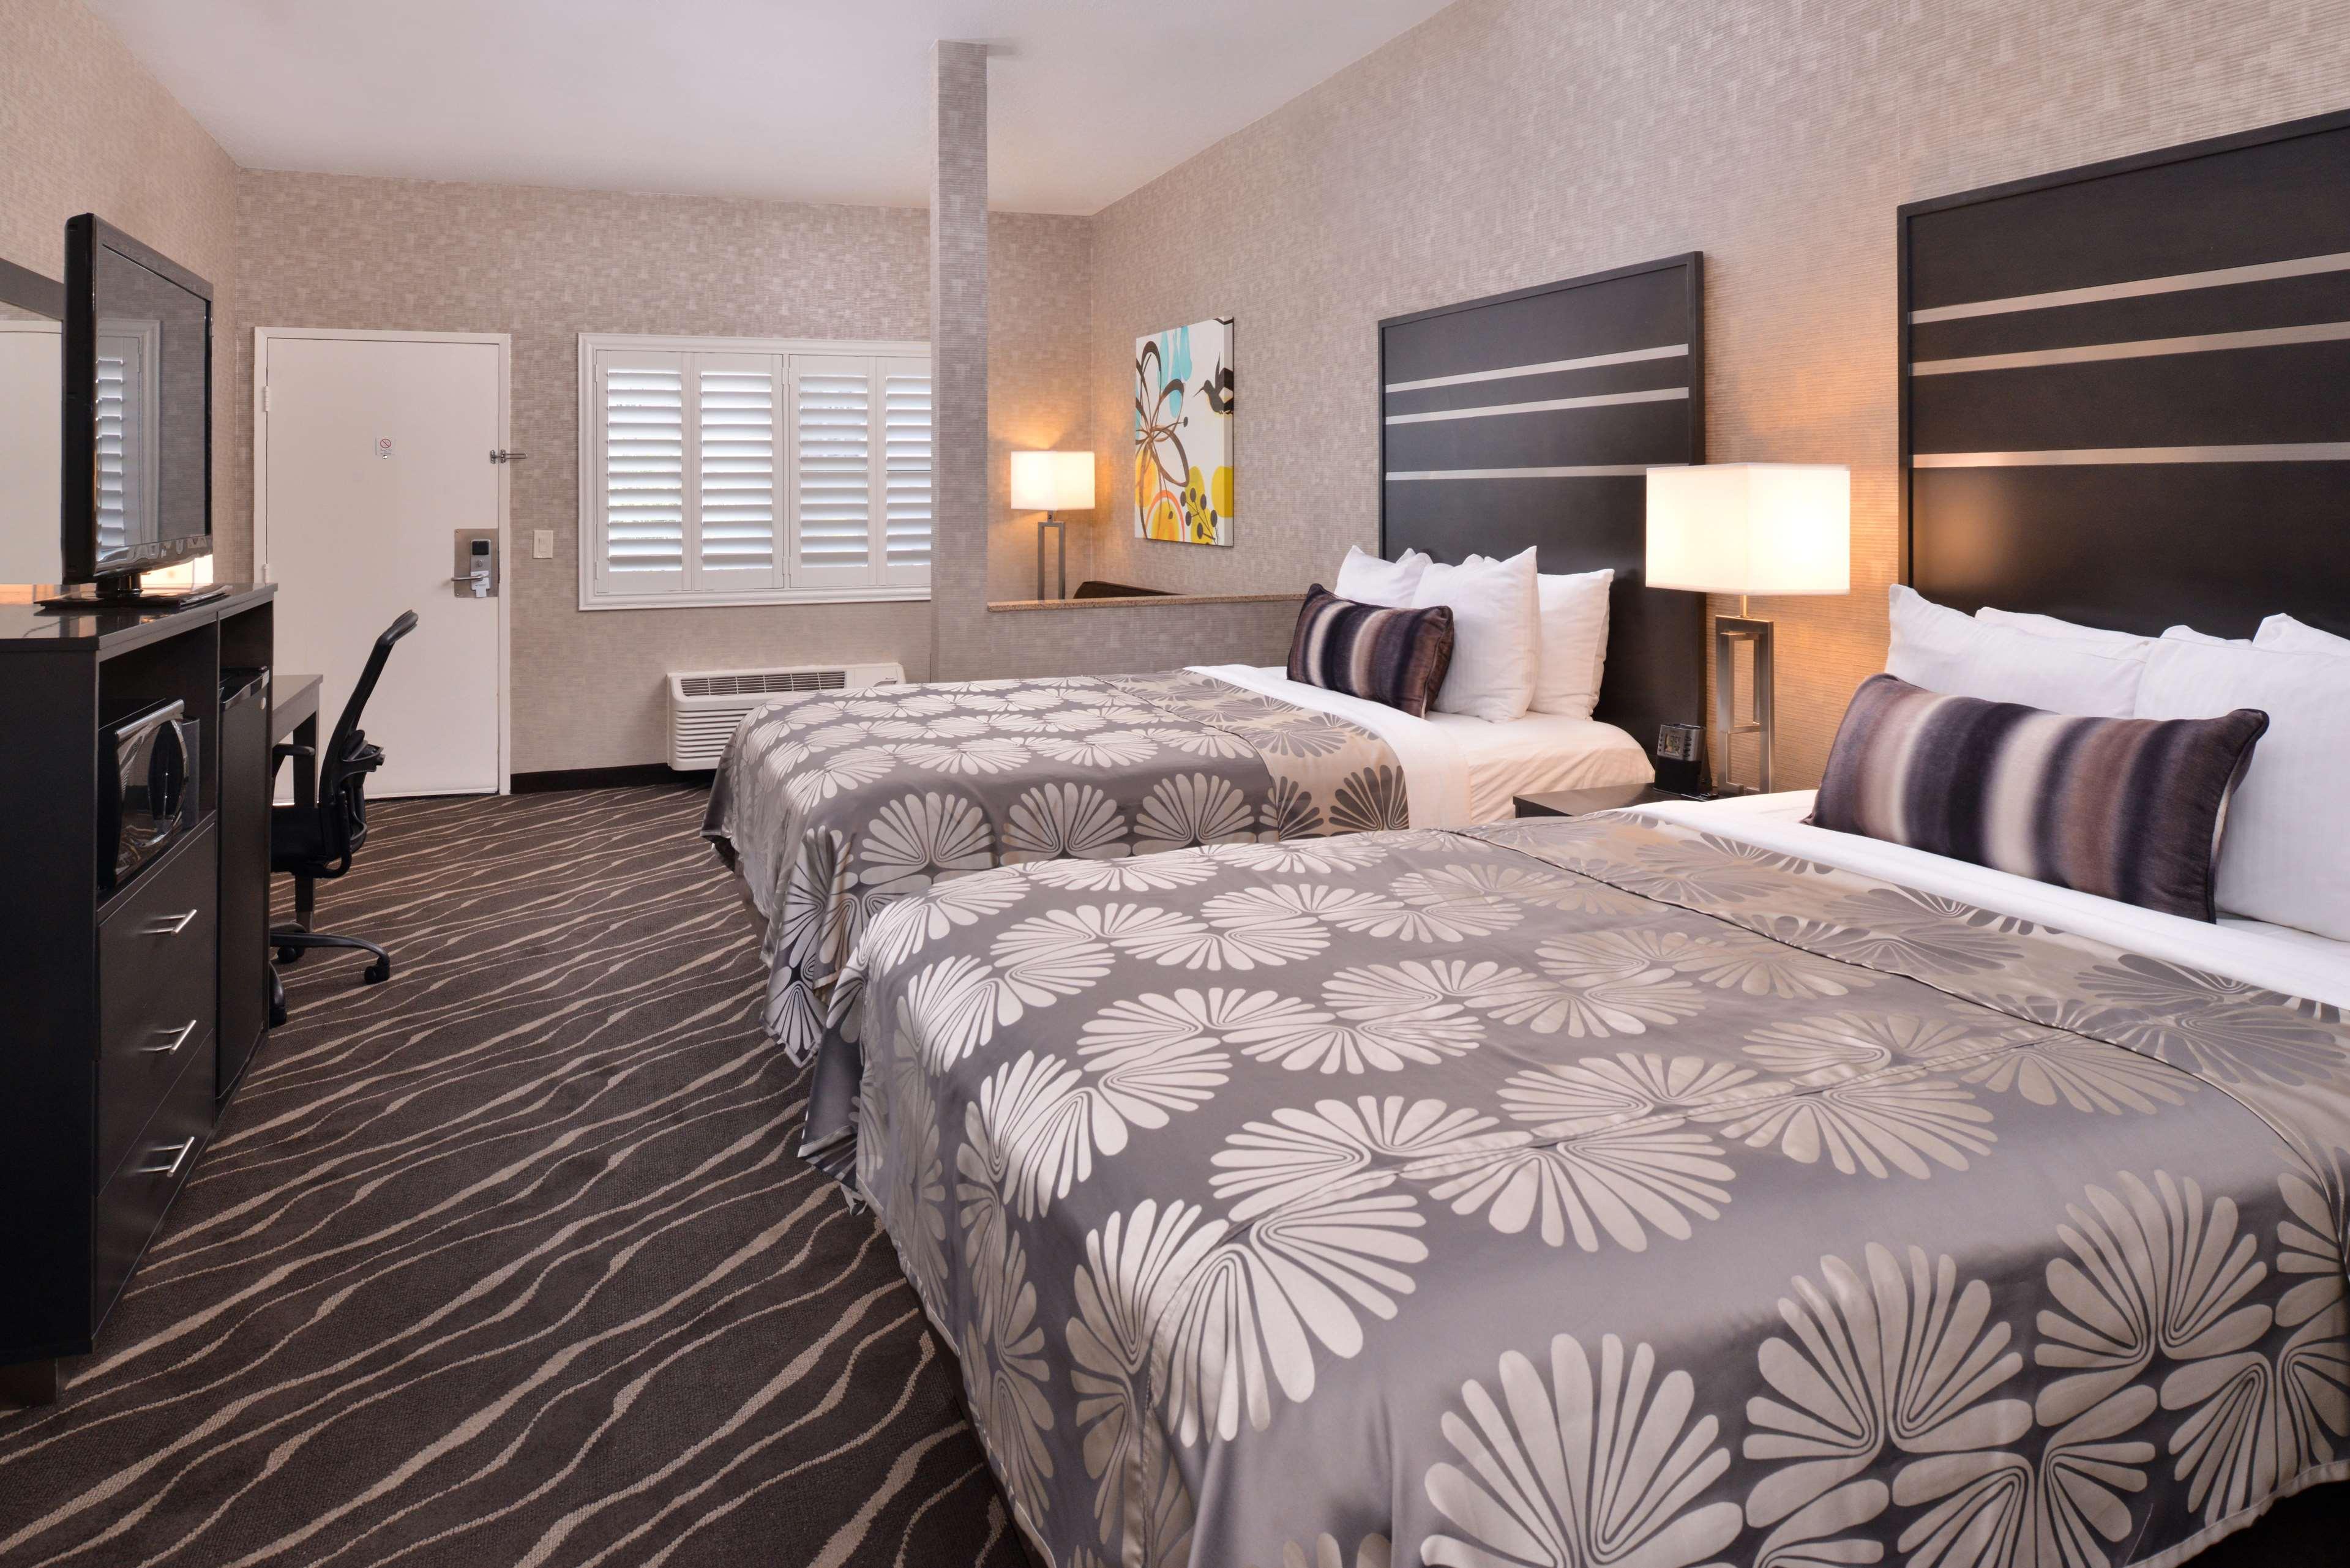 Best Western Plus Park Place Inn - Mini Suites image 25